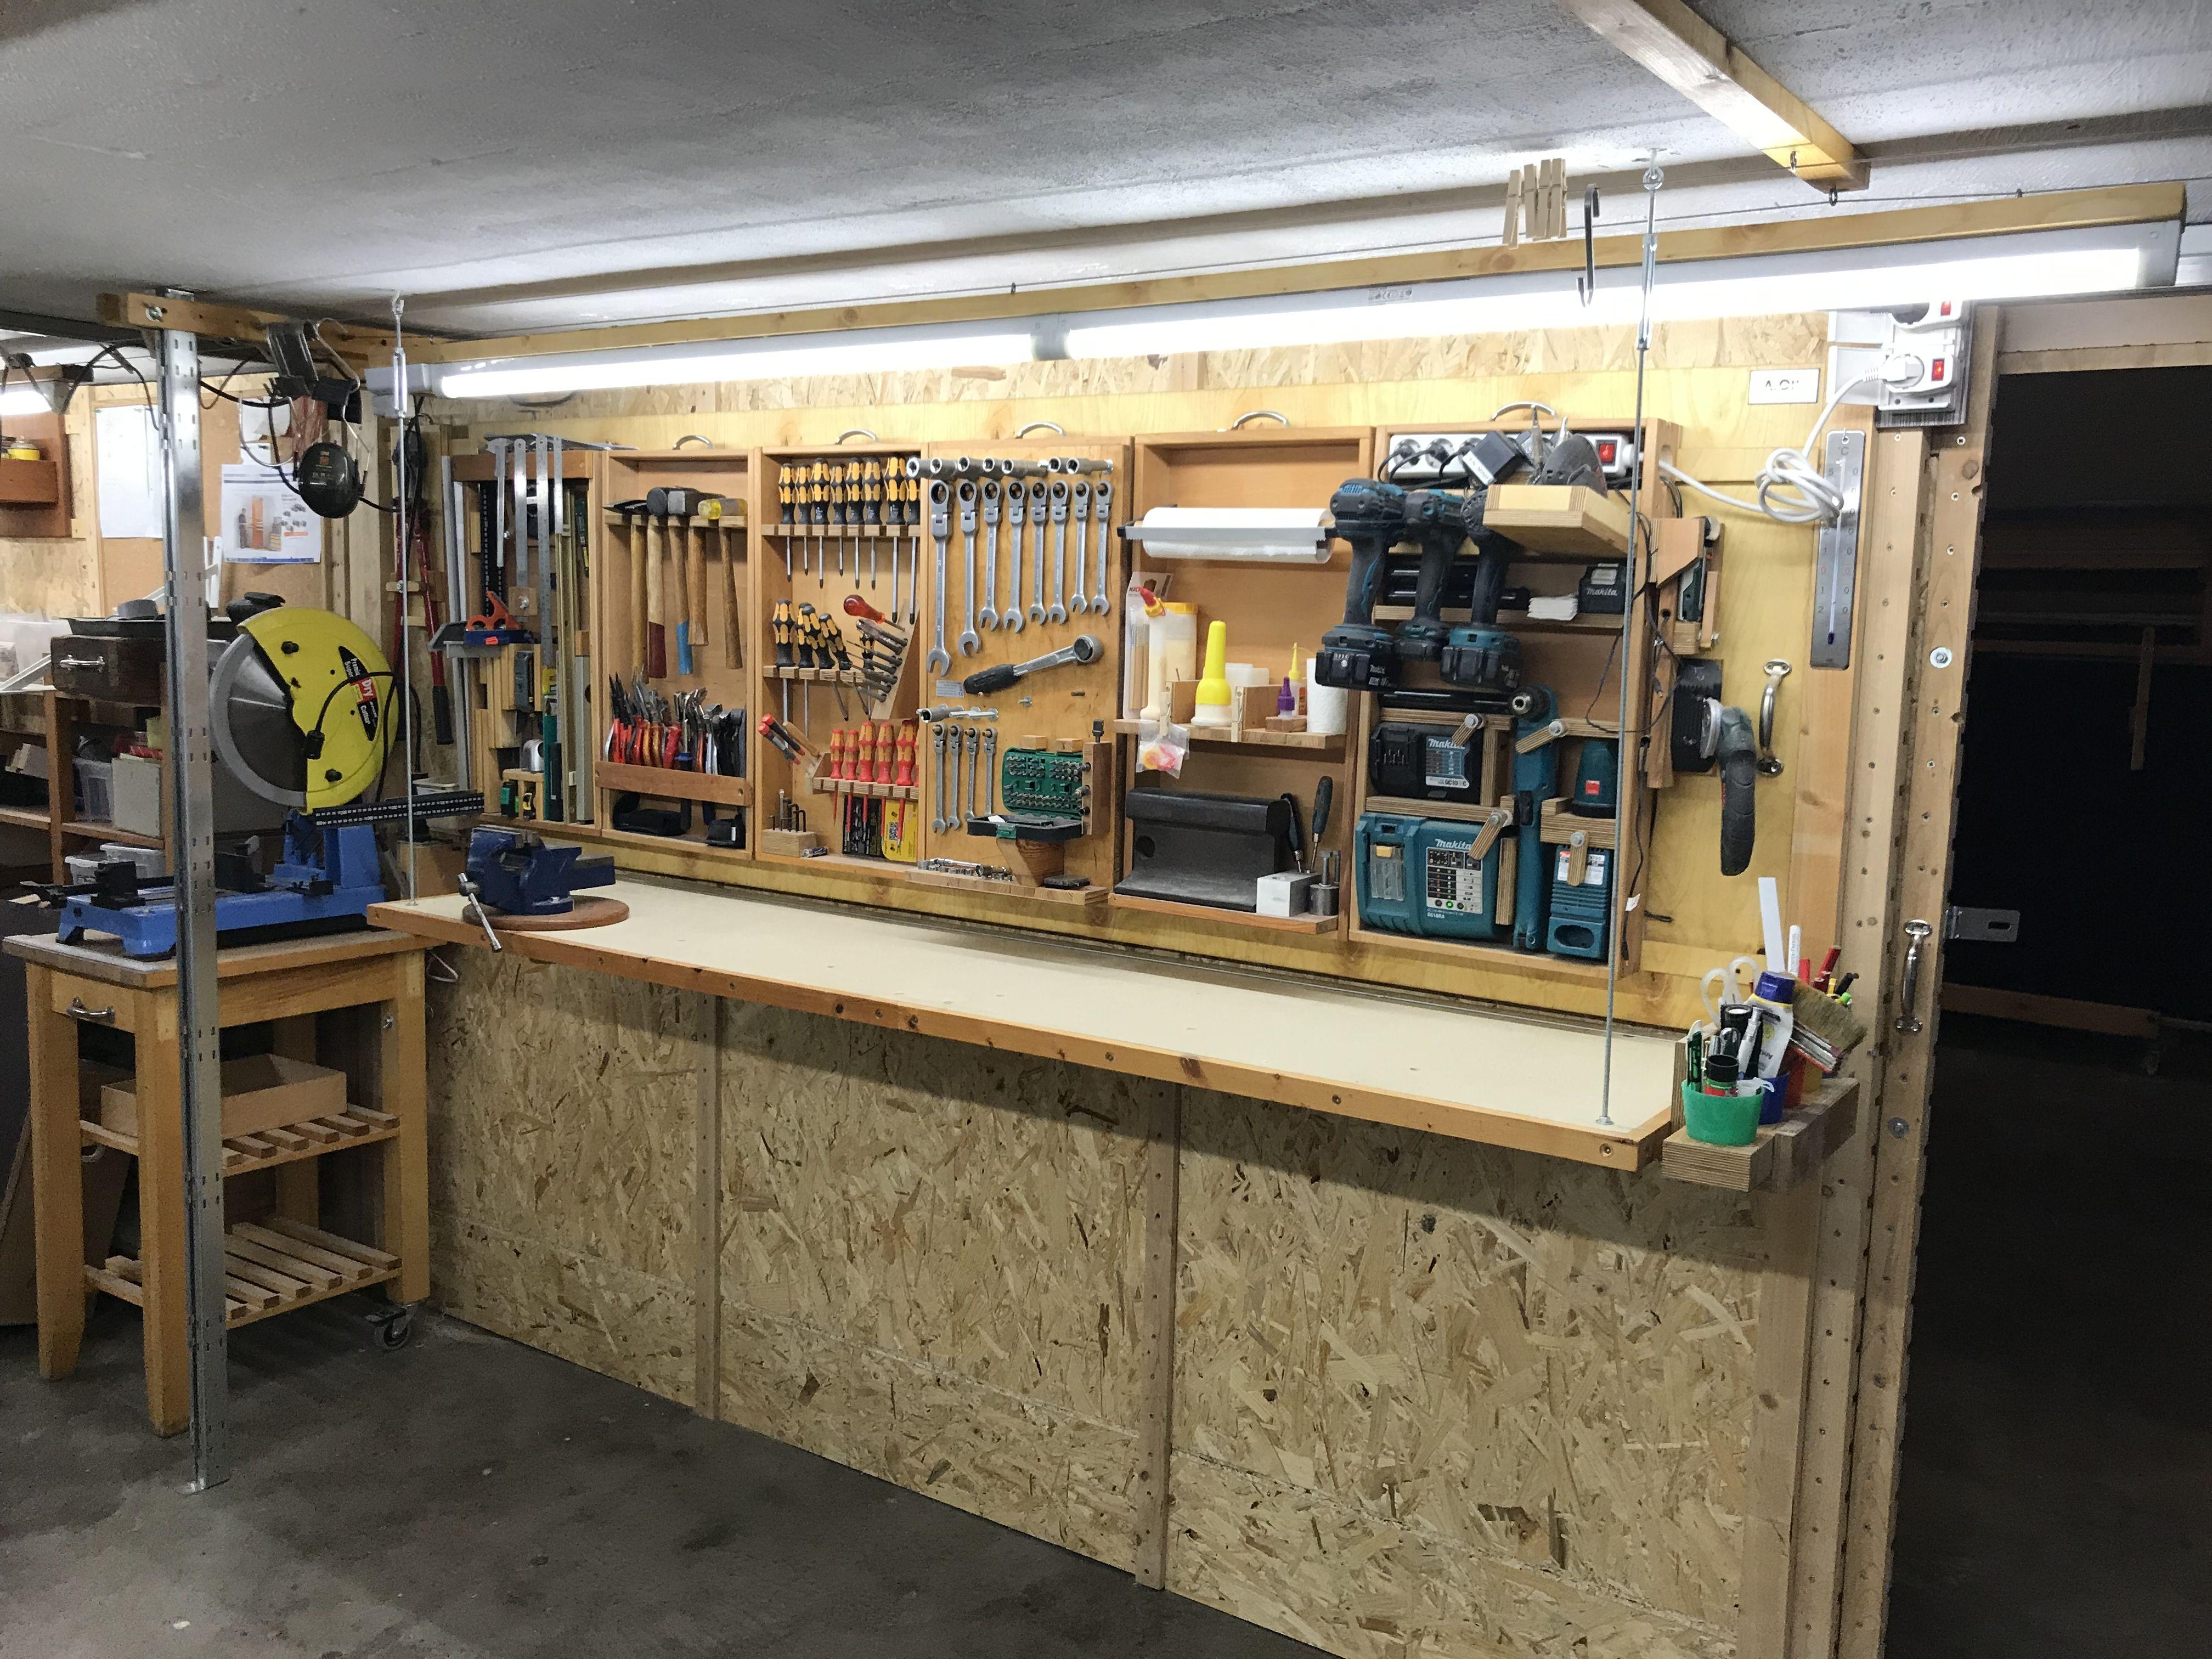 French Cleat Werkzeugaufbewahrung Teil1 Werkzeug Aufbewahrung Werkzeugaufbewahrung Werkbank